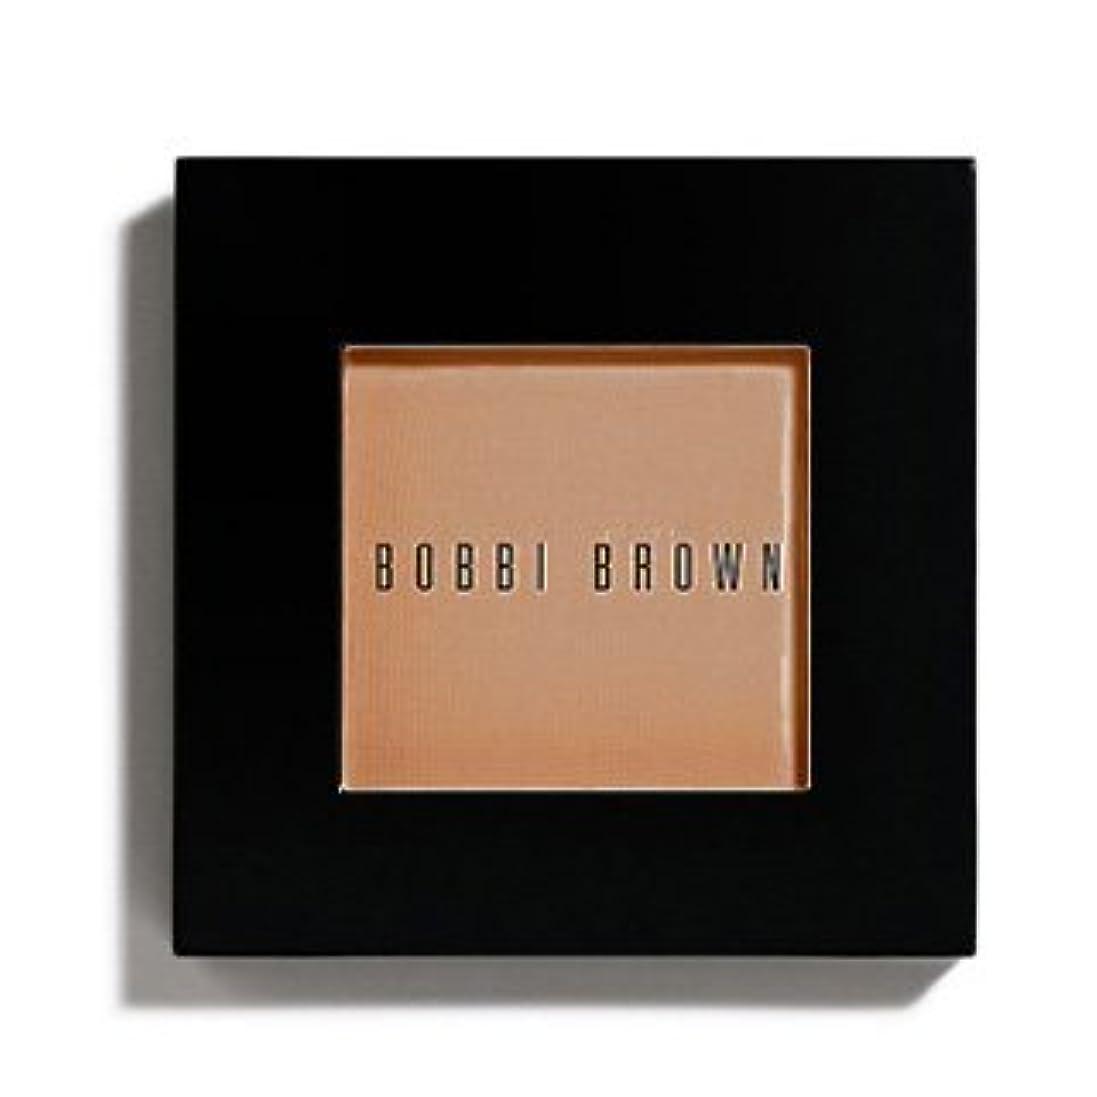 スティーブンソン哲学ワイヤーBOBBI BROWN ボビイ ブラウン アイシャドウ #14 Toast 2.5g [並行輸入品]